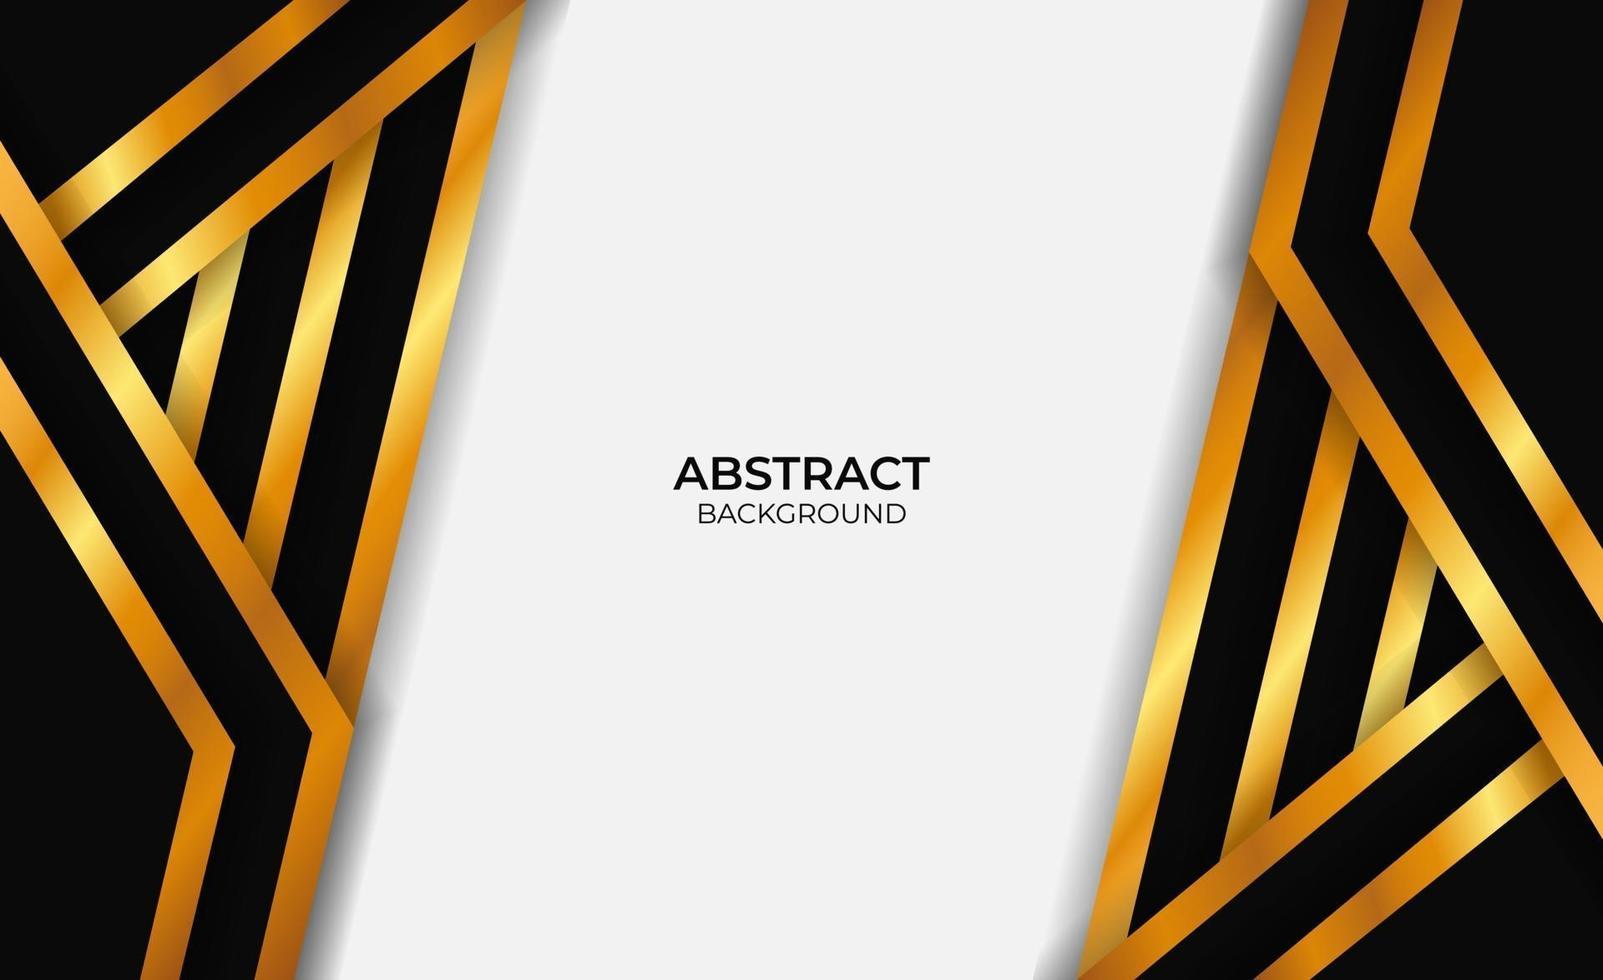 style de conception abstrait or et noir vecteur